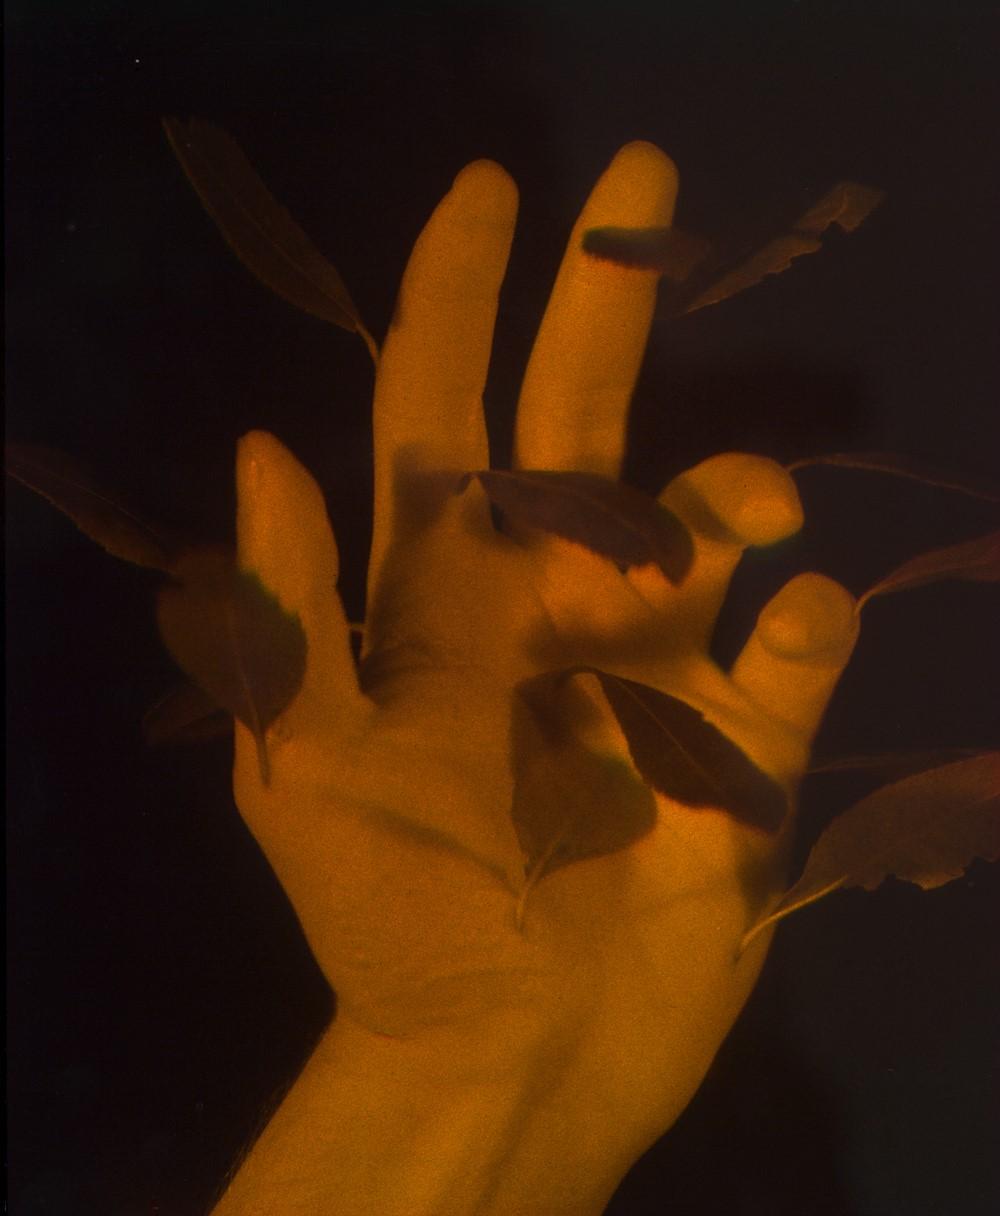 Daniel Steegmann Mangrané, Mano con hojas, 2013; Ologramma. Courtesy dell'artista, KADIST collection